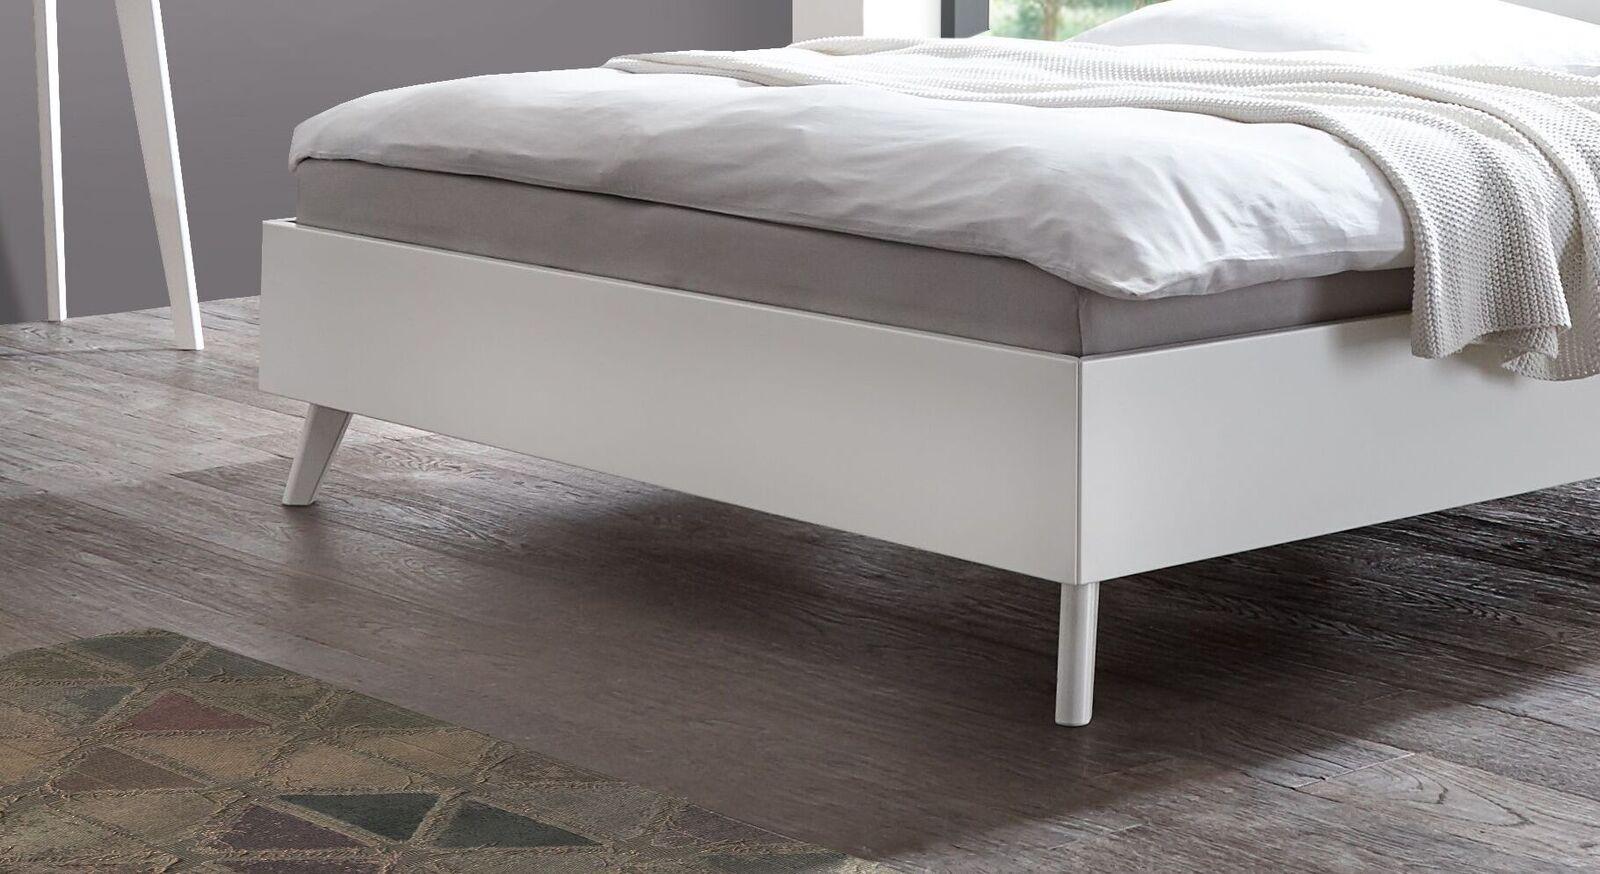 Bett Mintaka mit ausgestellten Füßen